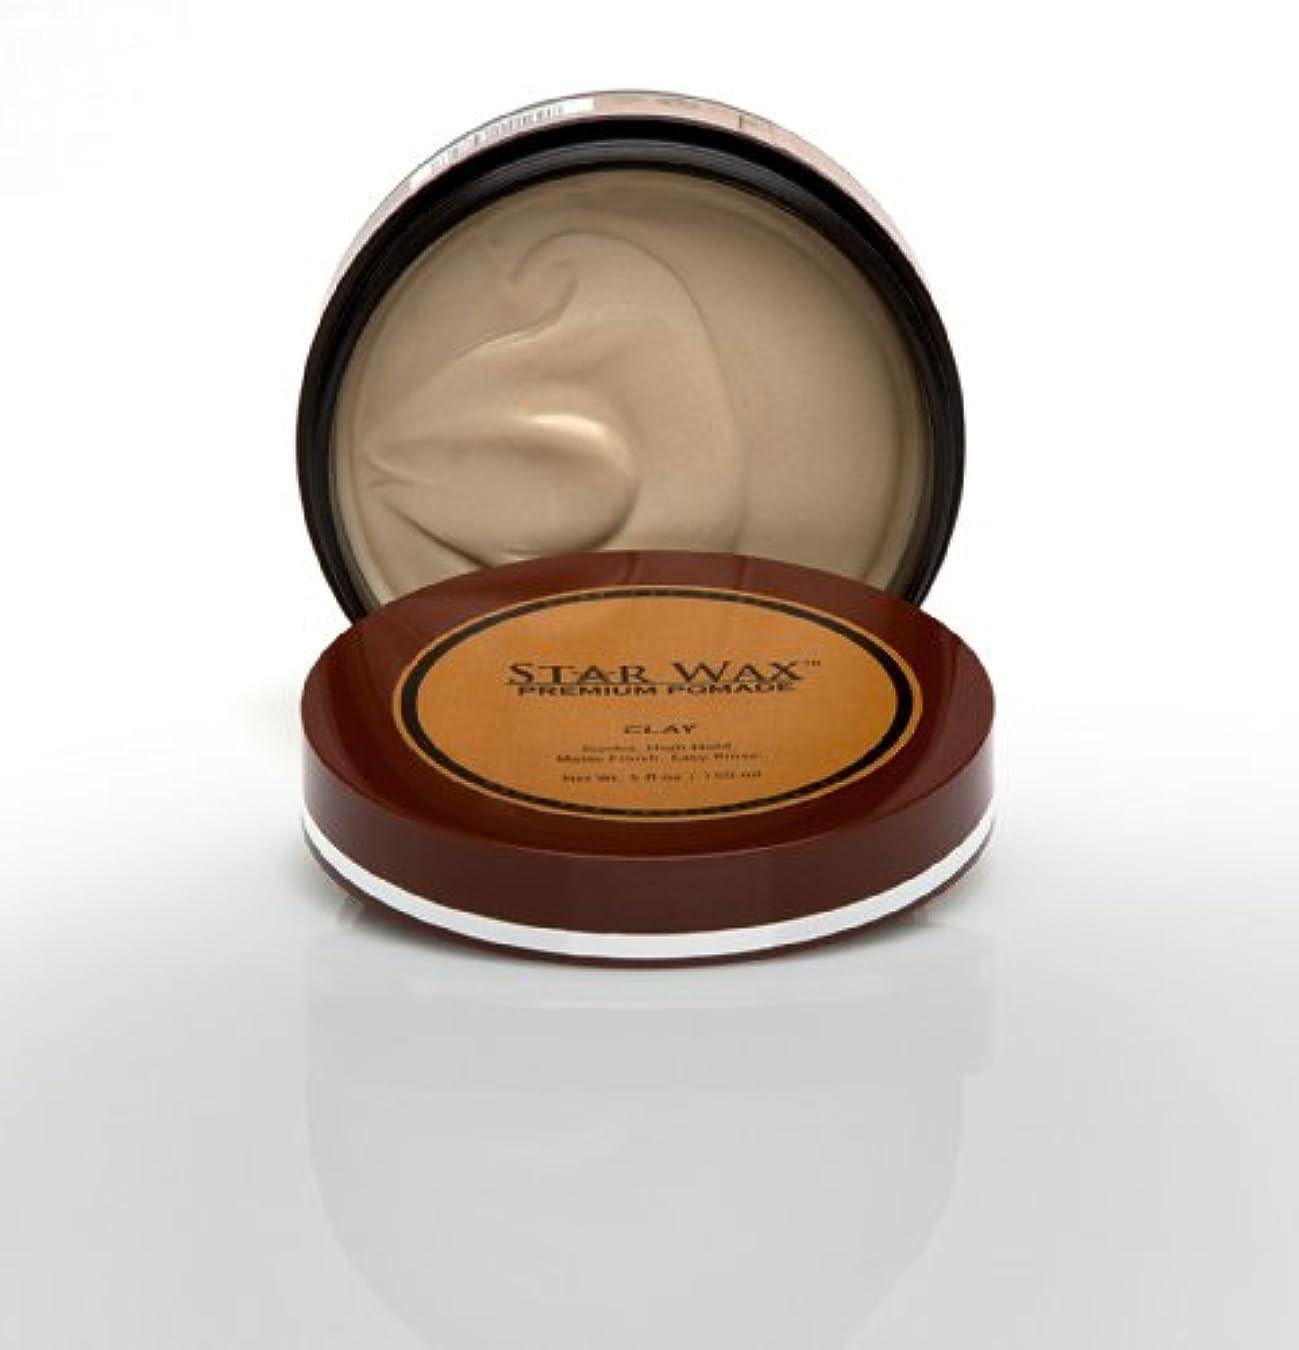 ビーチ波紋交通渋滞Star Wax | Premium Pomade, Clay(スターワックスプレミアム ポマード「クレイ」)?Star Pro Line(スタープロライン)製?5(液量)オンス/150ml